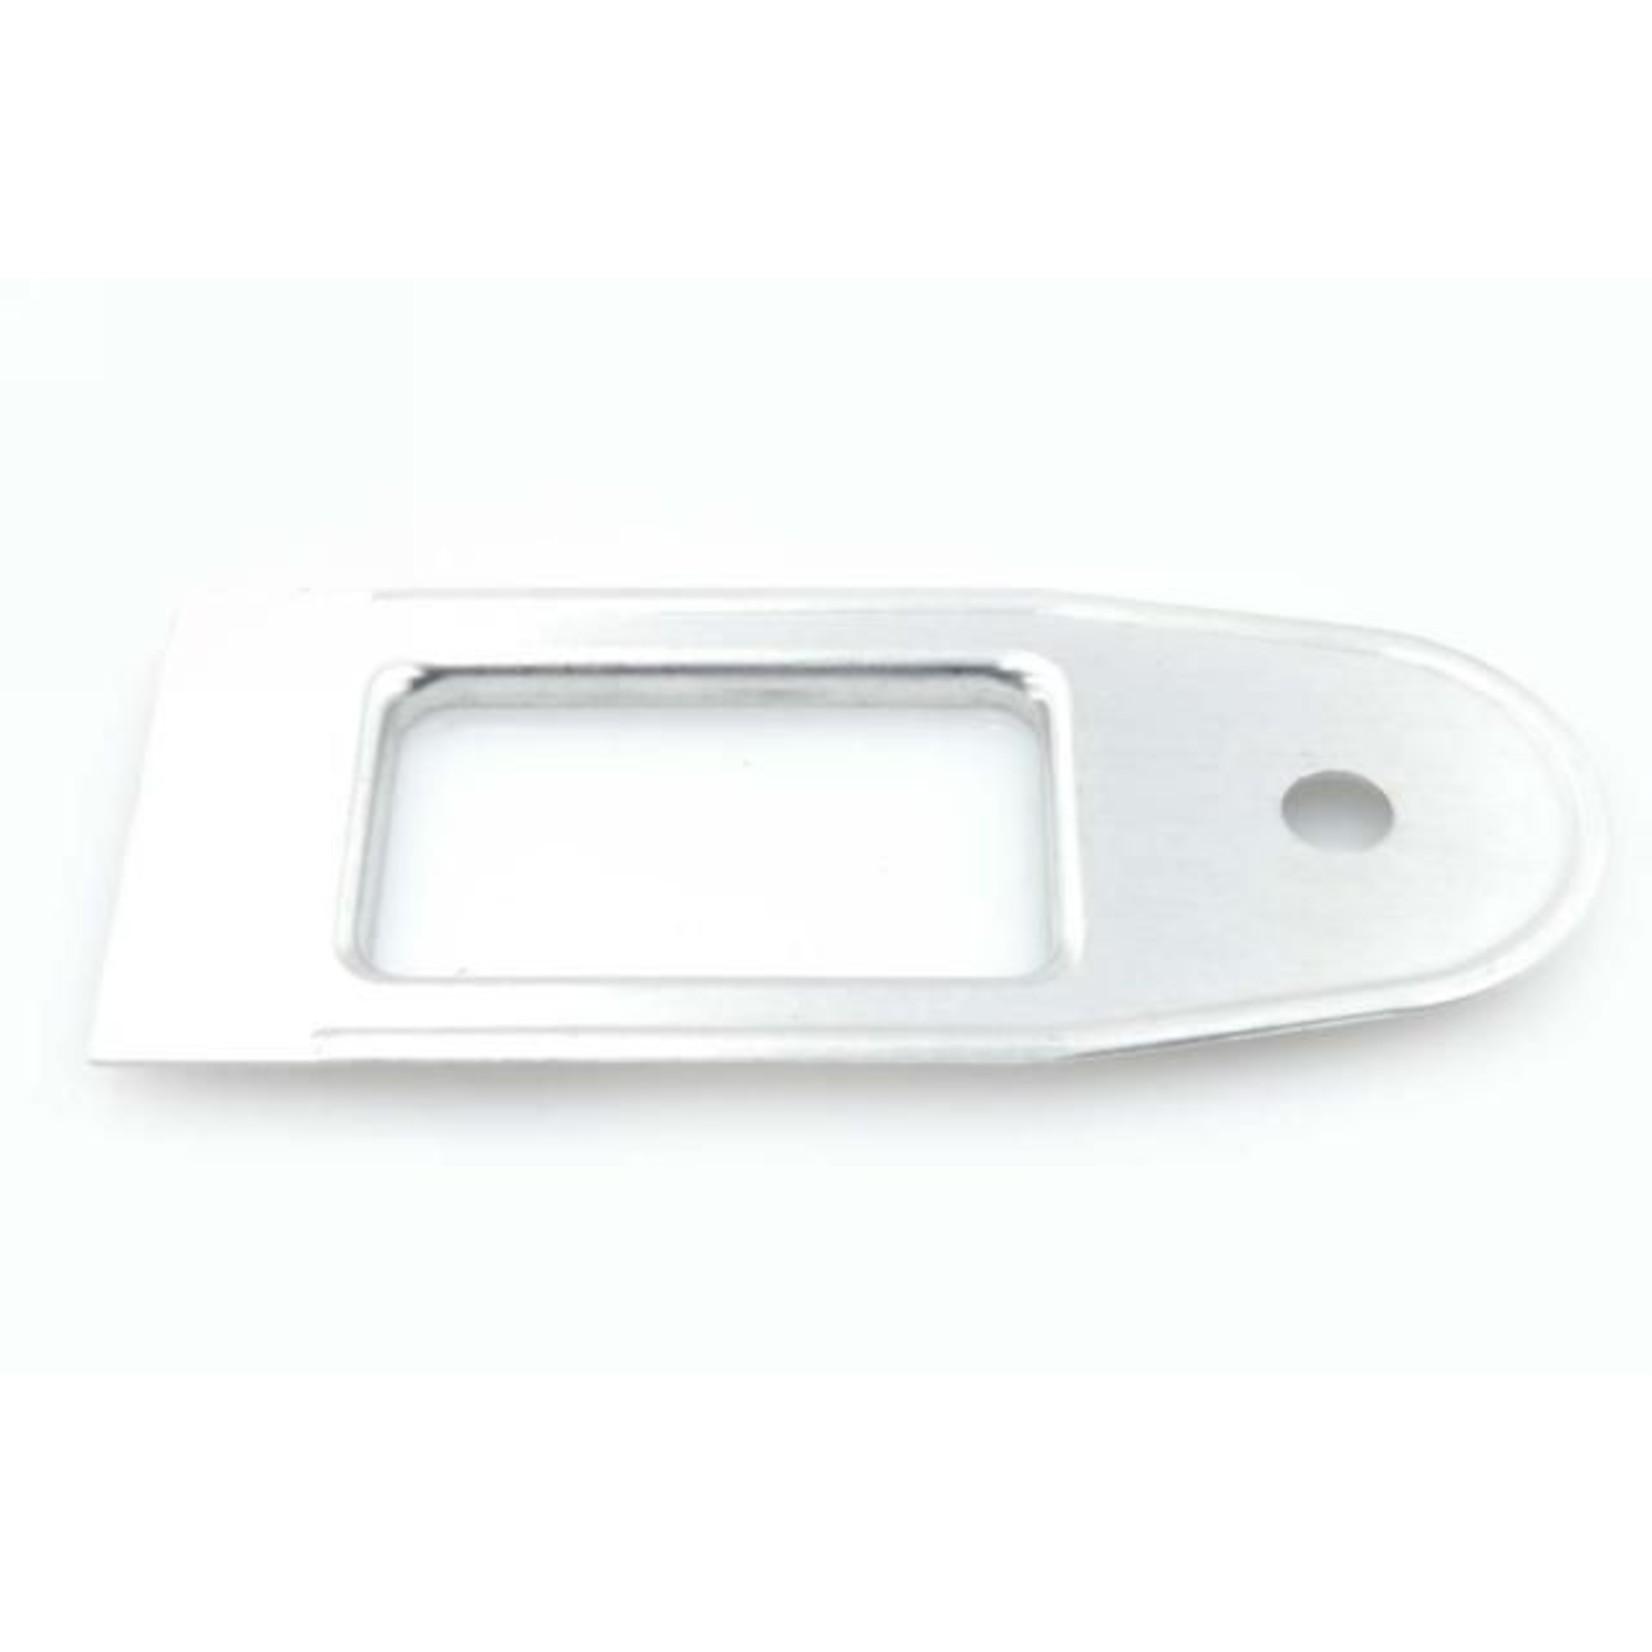 Afdekplaat aluminium vangbeugel achterdeur Nr Org: DS84255B